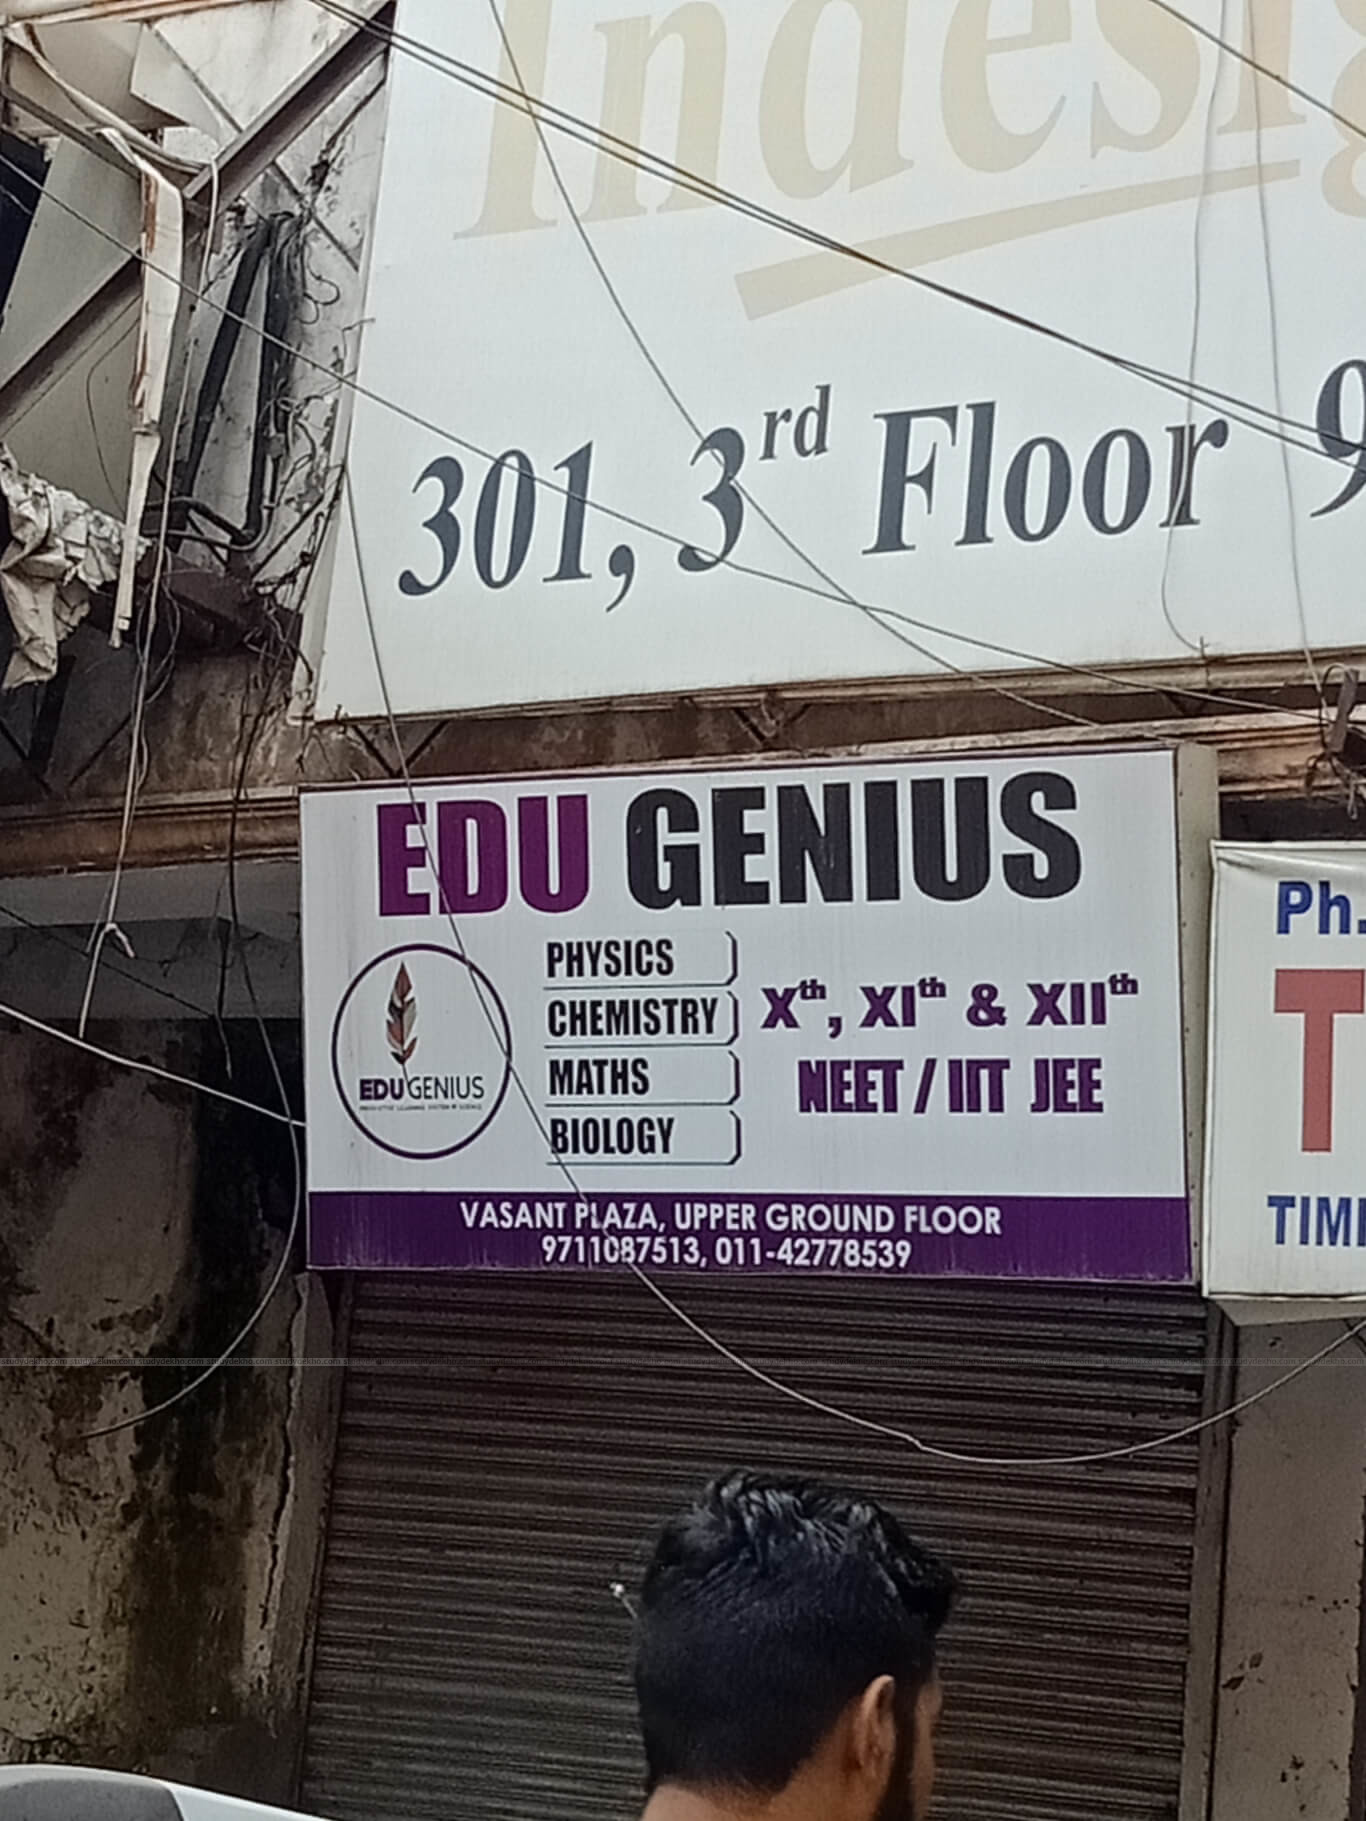 EDU GENIUS Gallery